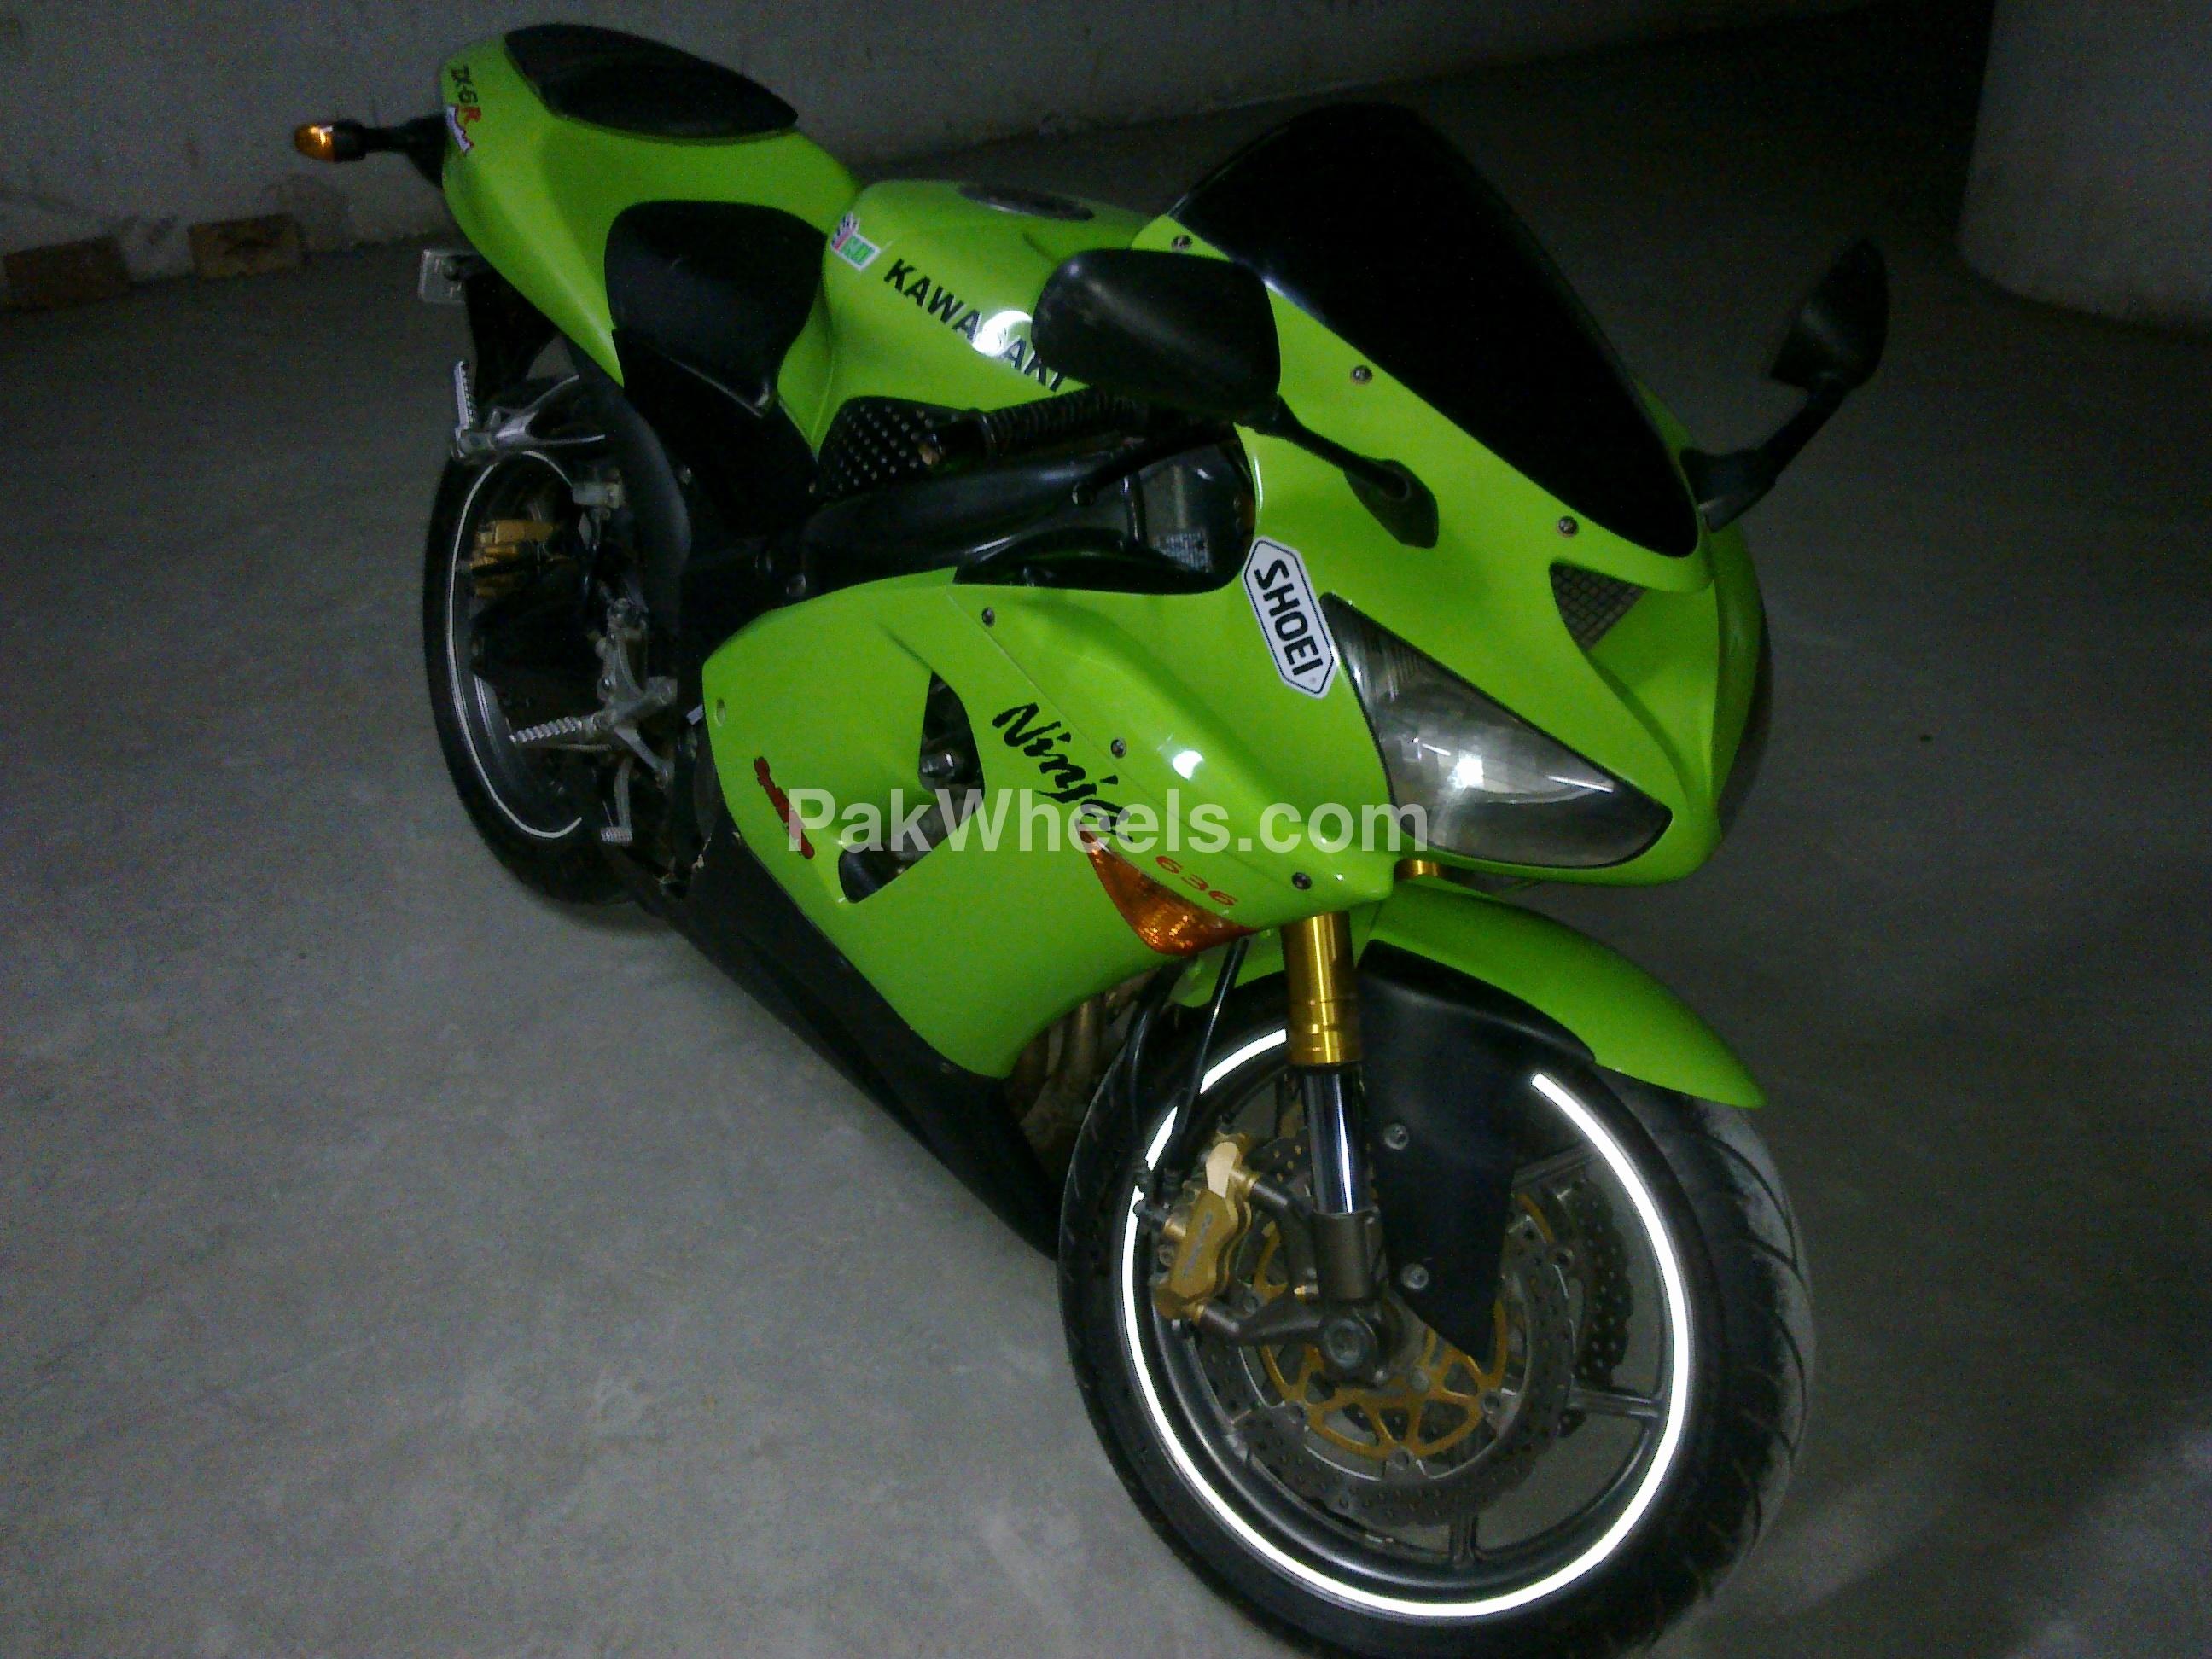 2005 Kawasaki Ninja Zx6r General Motorcycle Discussion Pakwheels